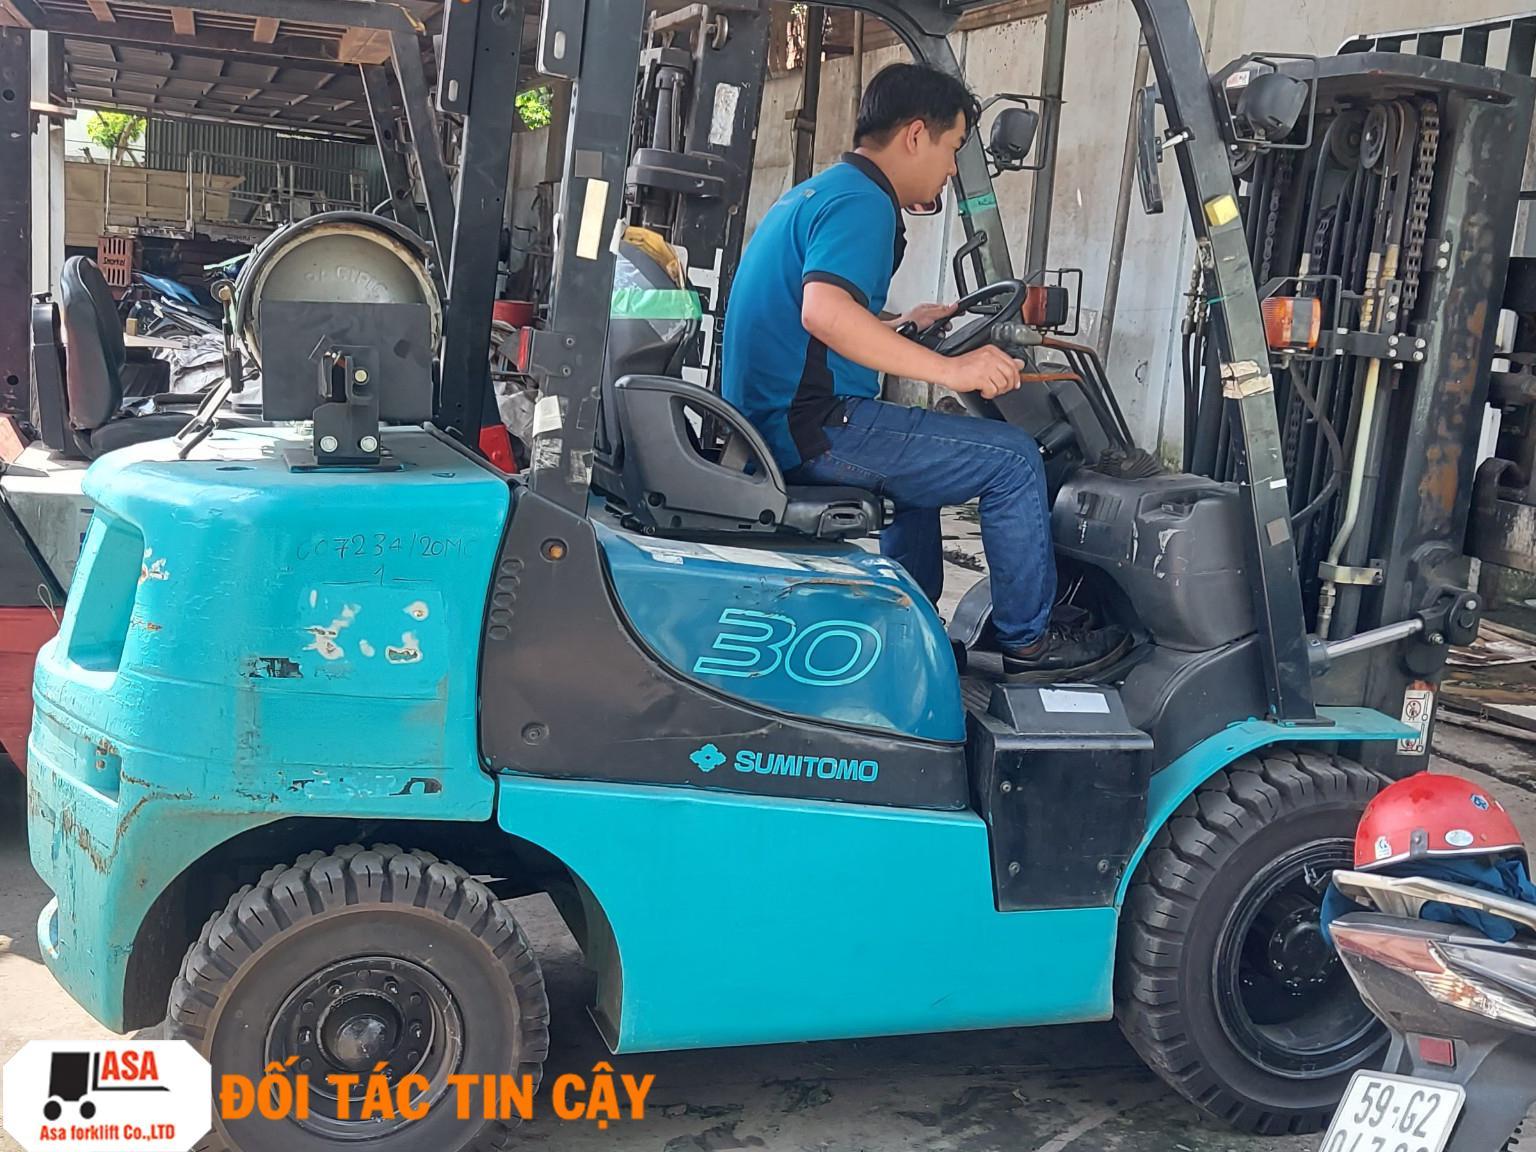 Sửa xe nâng tại Vũng Tàu là một giải pháp giúp ích rất nhiều cho doanh nghiệp bạn